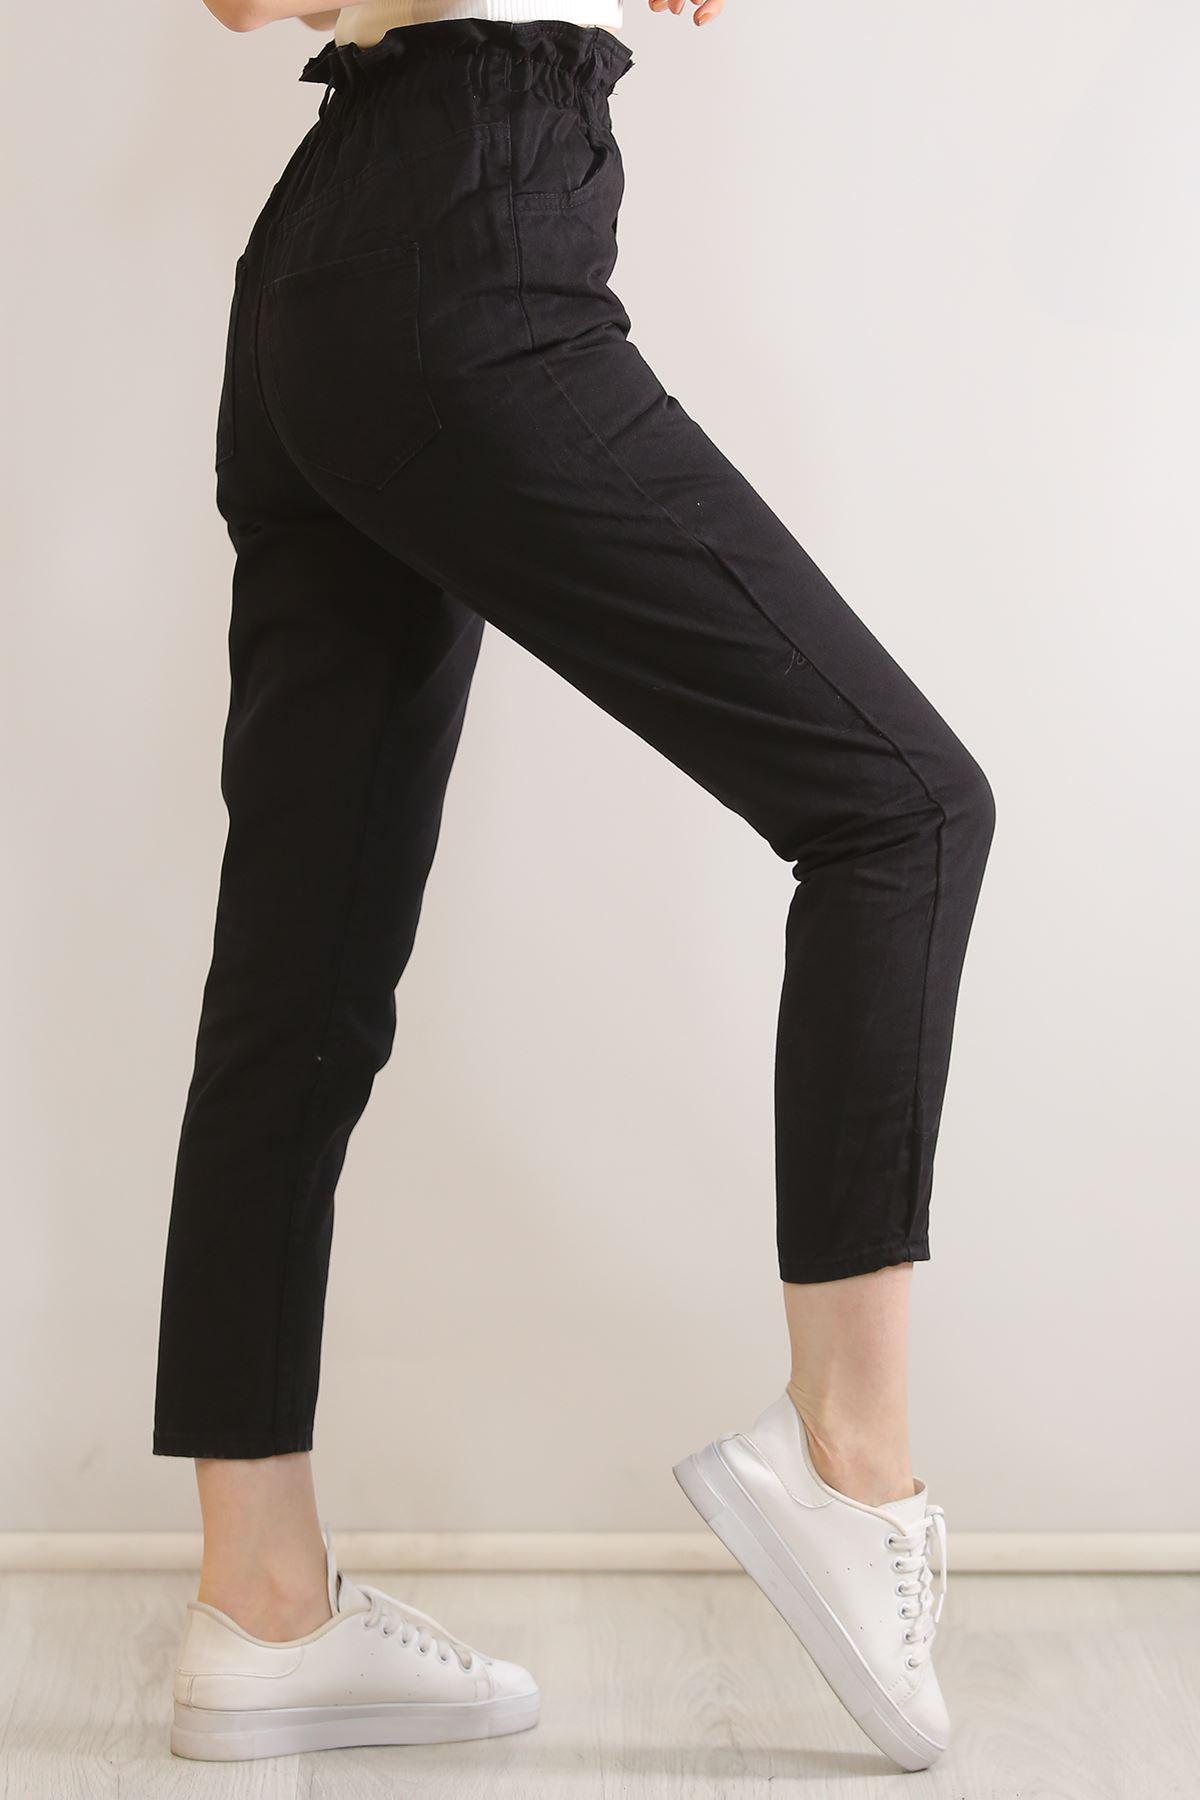 Çift Düğmeli  Kot Pantolon Siyah - 5862.299.